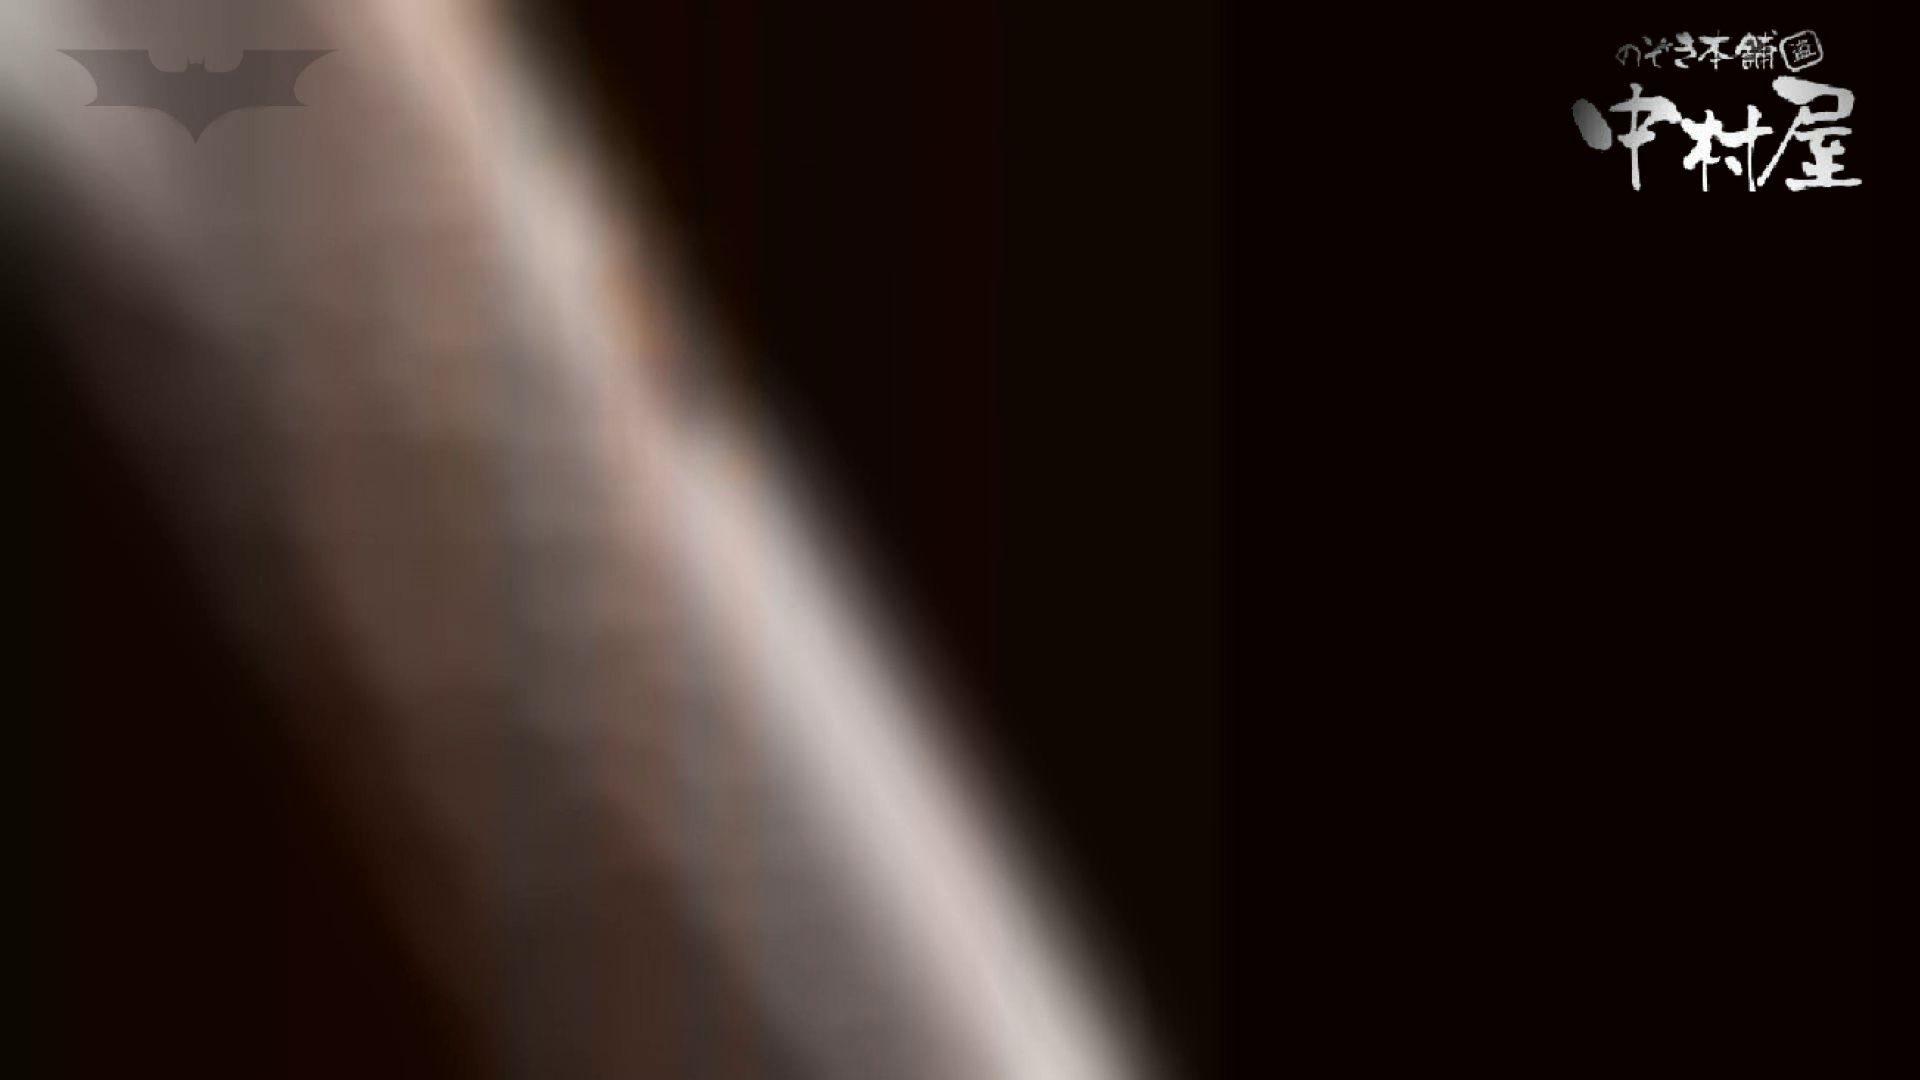 第三体育館潜入撮】第三体育館潜入撮File028 熟女特集!! アスリート 戯れ無修正画像 96PICs 30